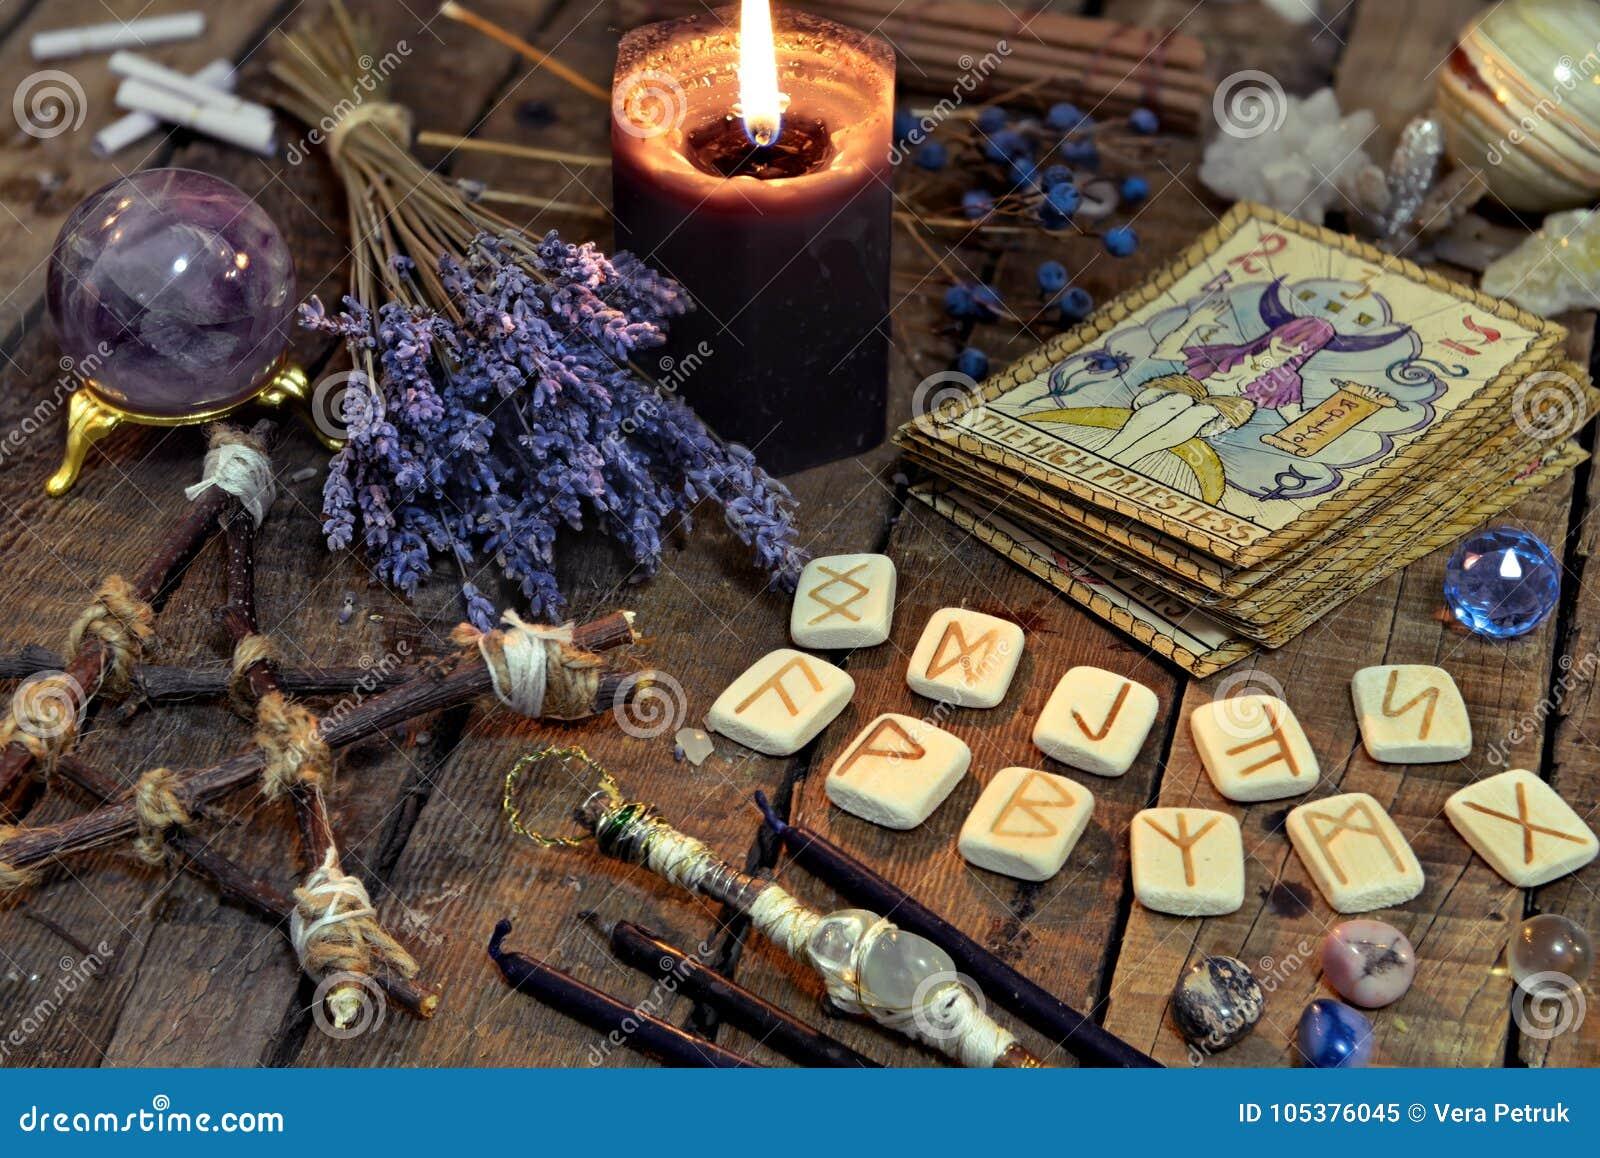 Tarokkort, forntida runor, svartstearinljus och pentagram